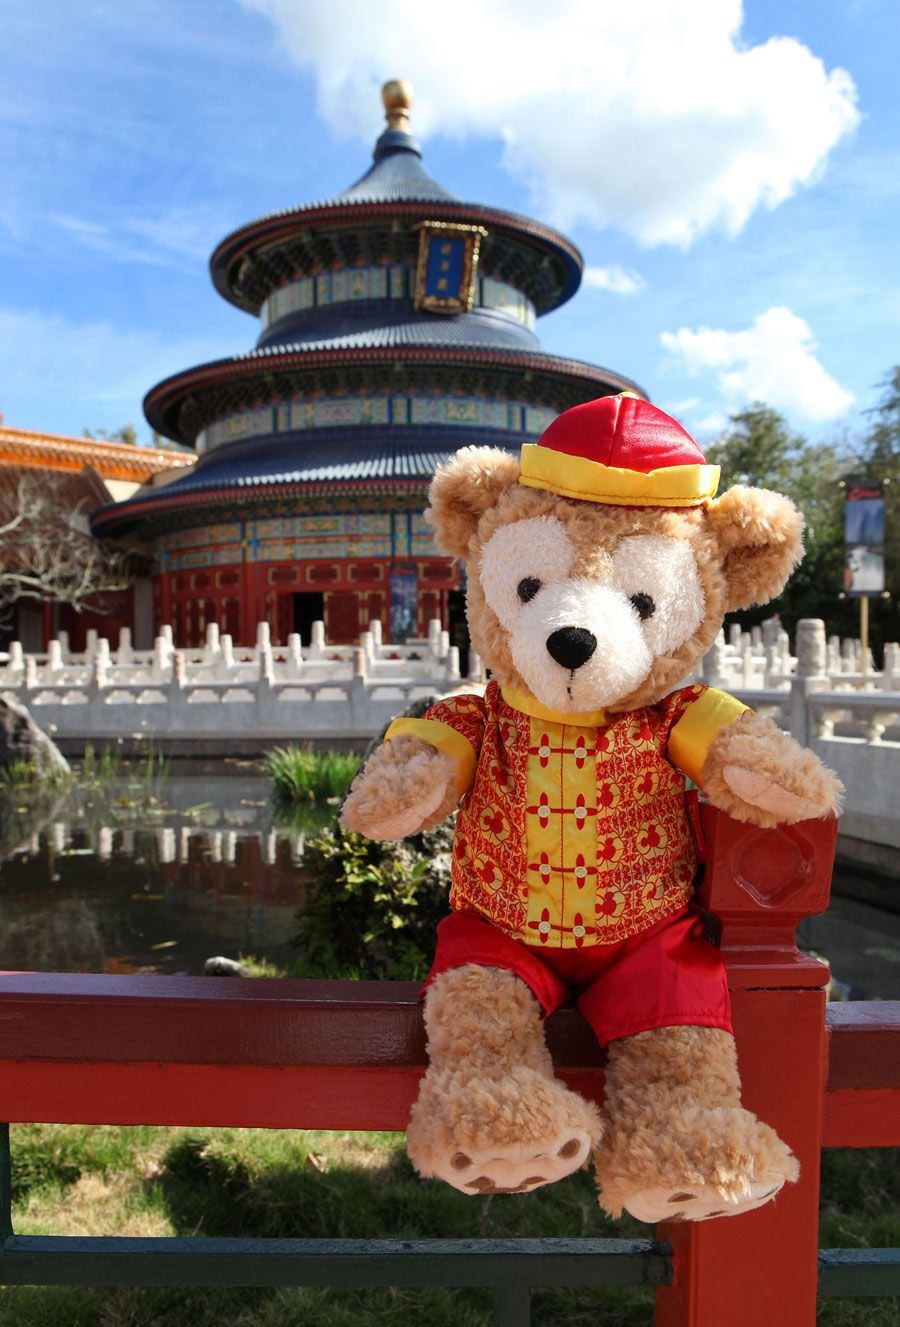 Duffy the Disney Bear China Costume #Duffy #DuffyTheDisneyBear #DisneyBearCousins & Dynamic Deal for Duffy the Disney Bear Costumes   Pinterest   Duffy ...